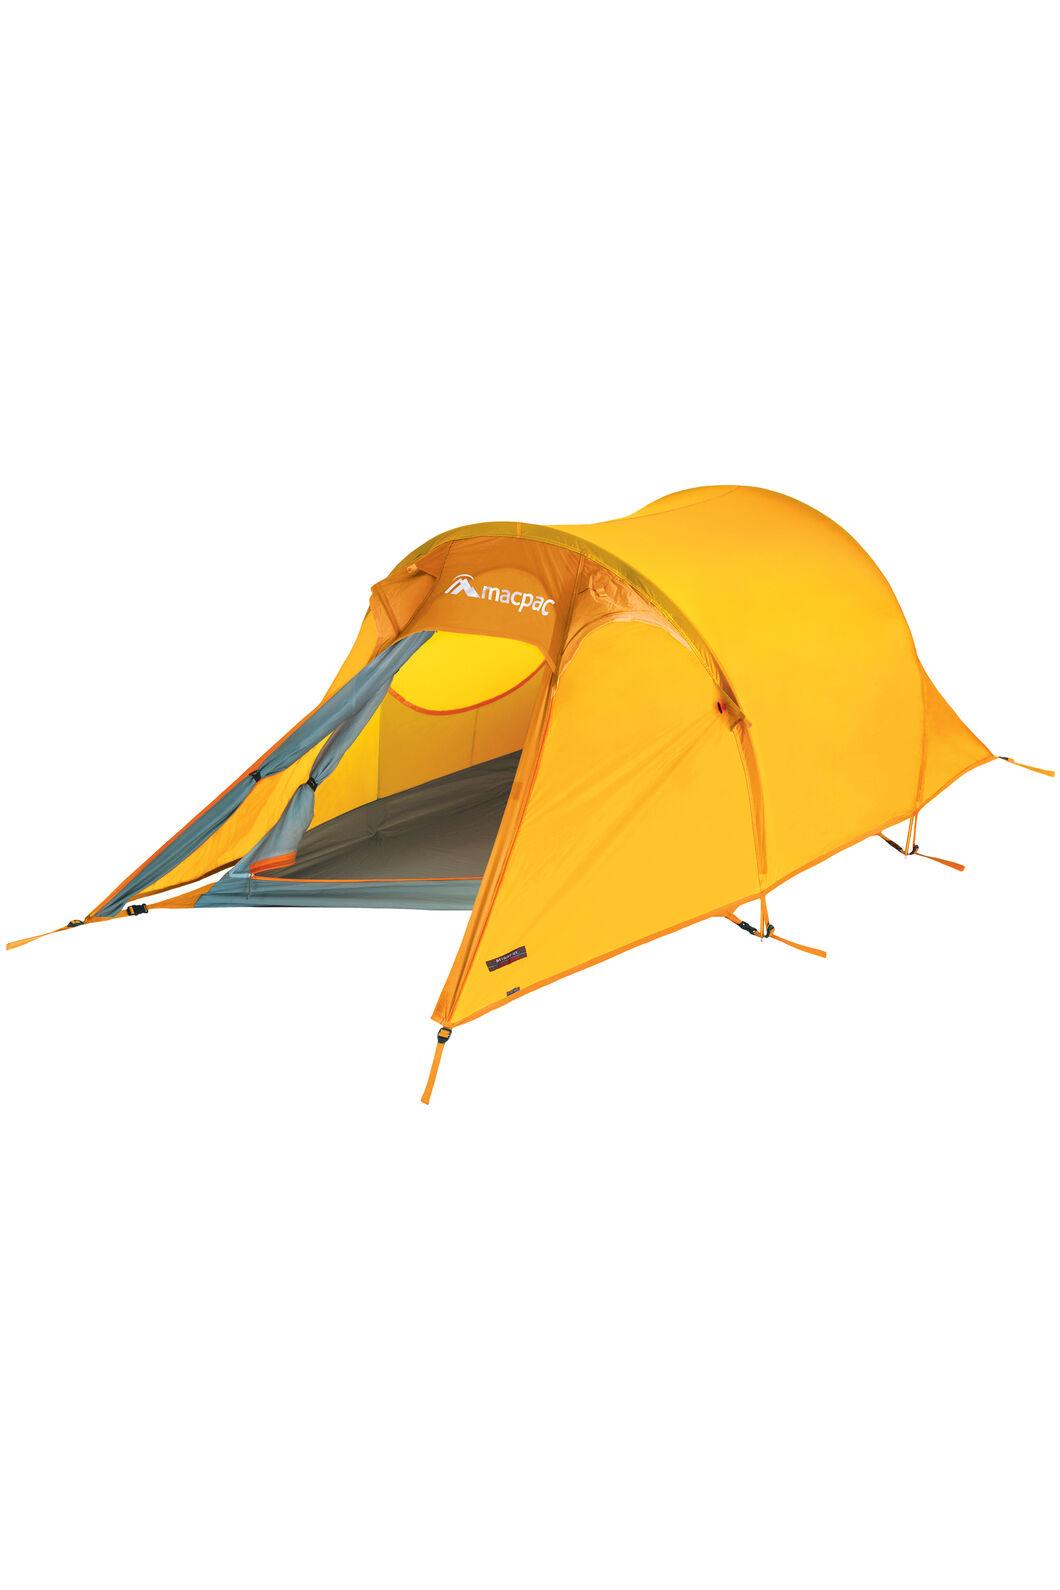 Macpac Minaret Tramping Tent, Spectra Yellow, hi-res